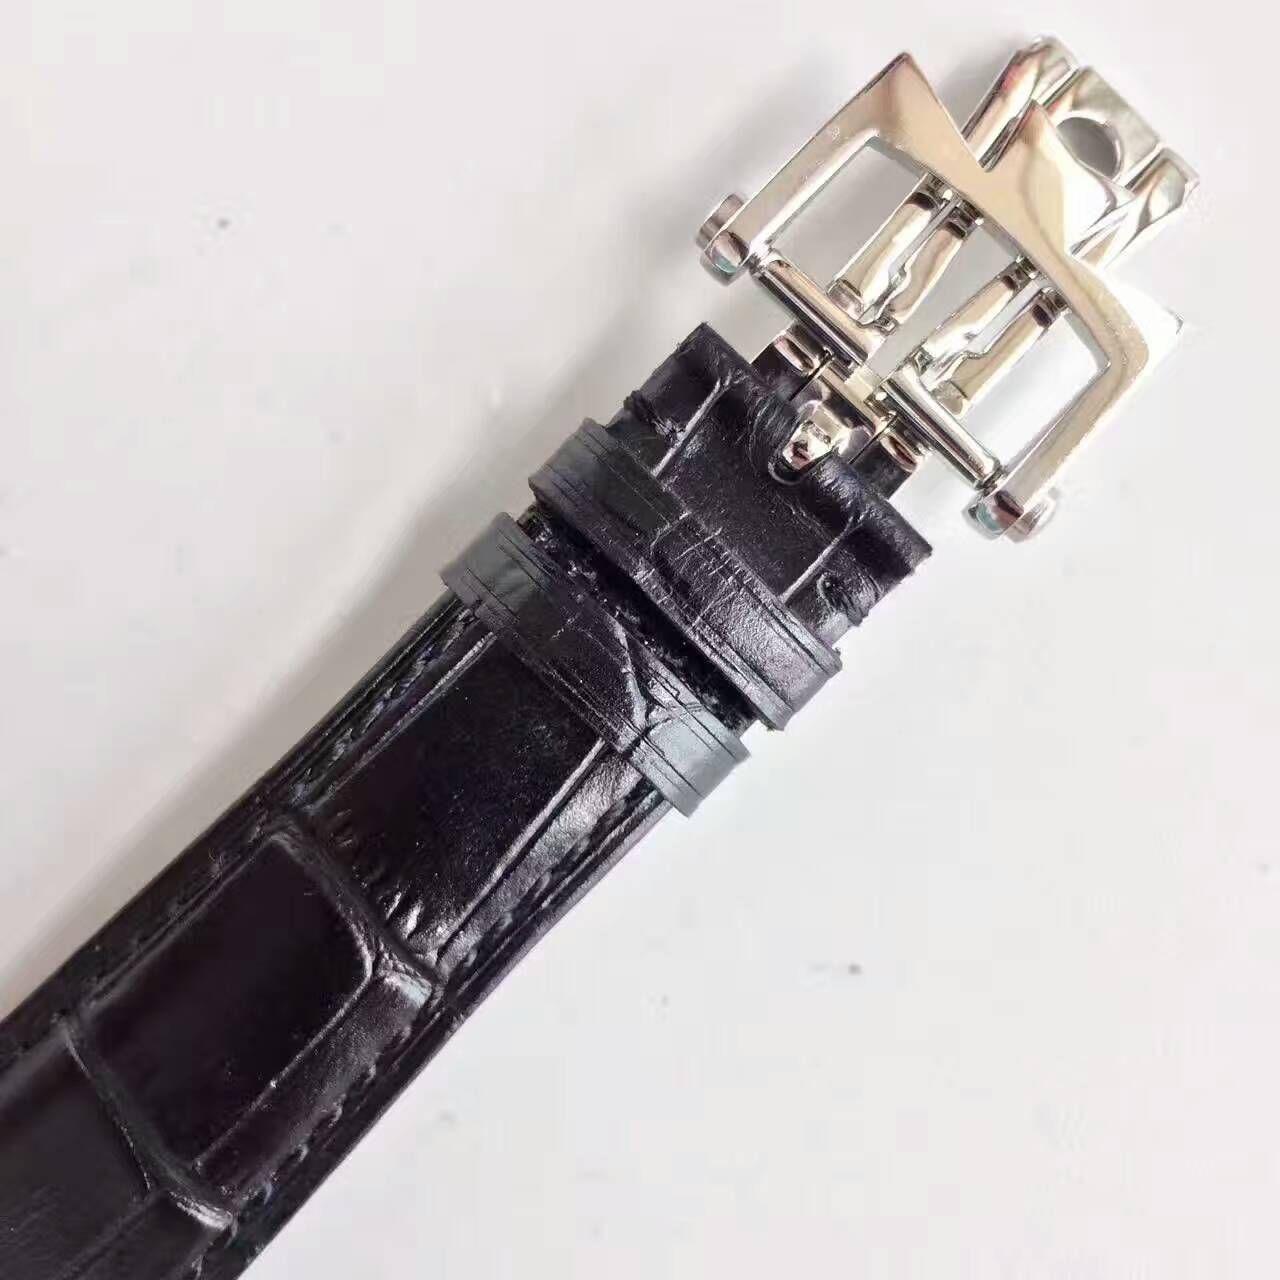 【LH厂顶级1:1精仿手表】江诗丹顿传袭系列6500T/000P-B100真陀飞轮腕表 / JS181